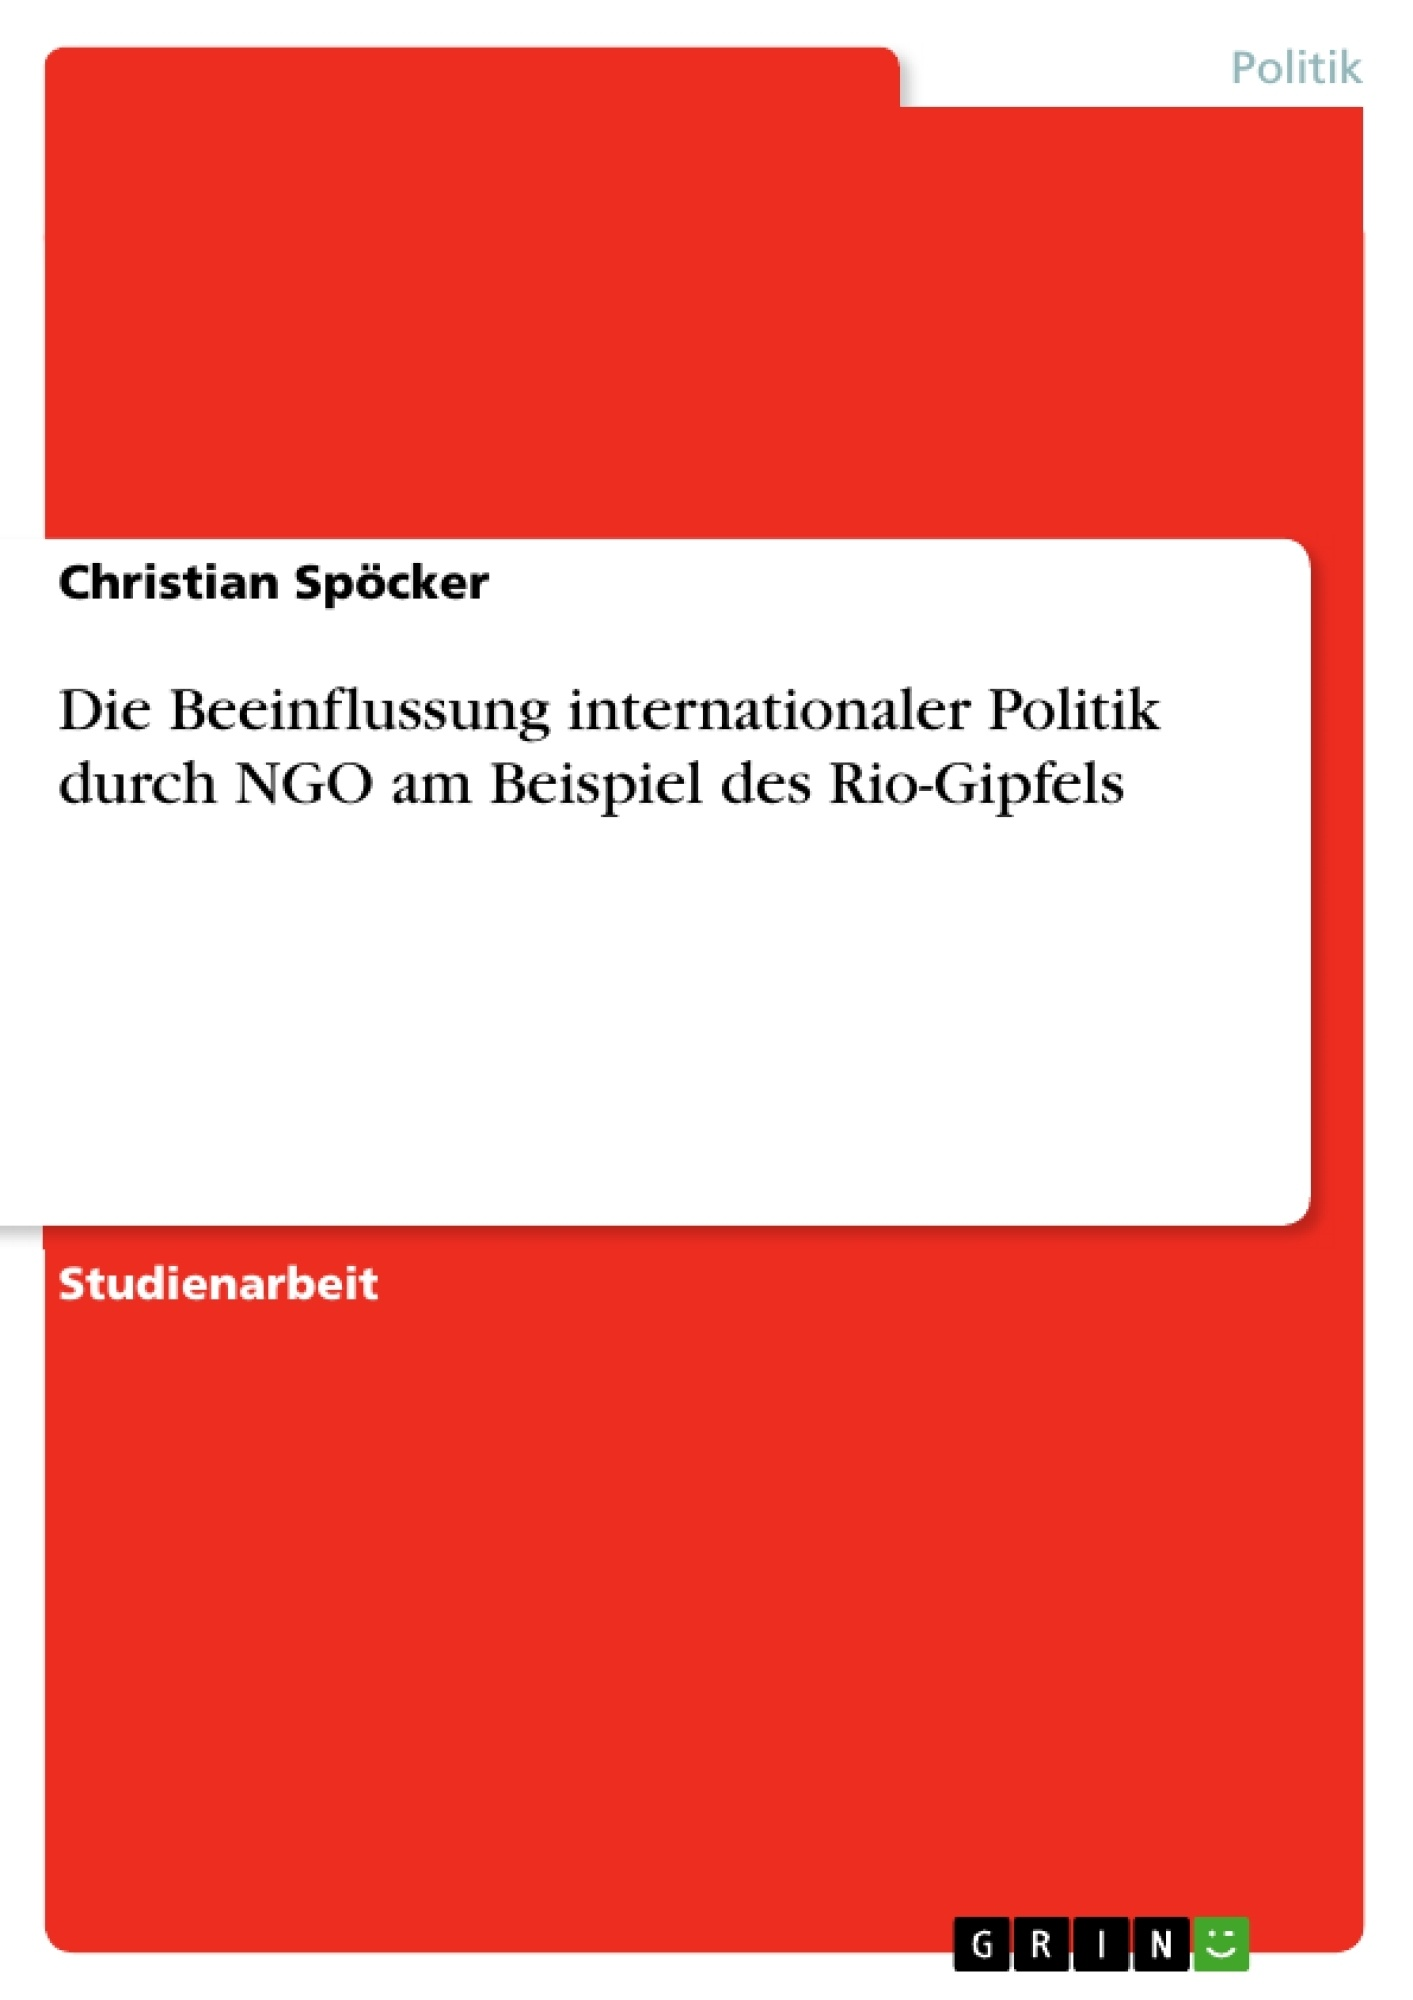 Titel: Die Beeinflussung internationaler Politik durch NGO am Beispiel des Rio-Gipfels